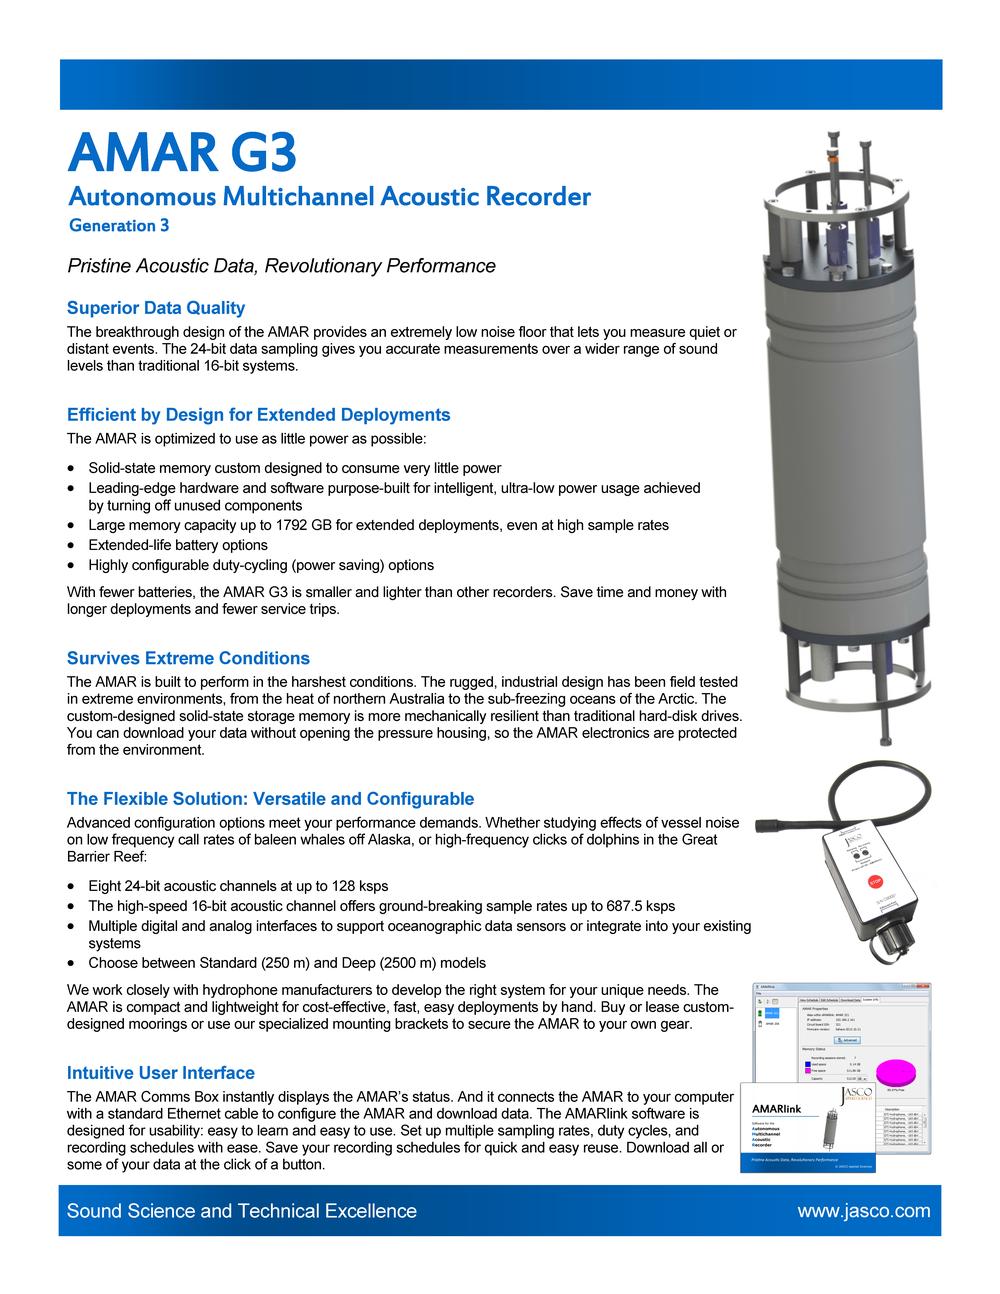 AMAR G3: Autonomous Multichannel Acoustic Recorder   Letter size (PDF)    A4 size (PDF)